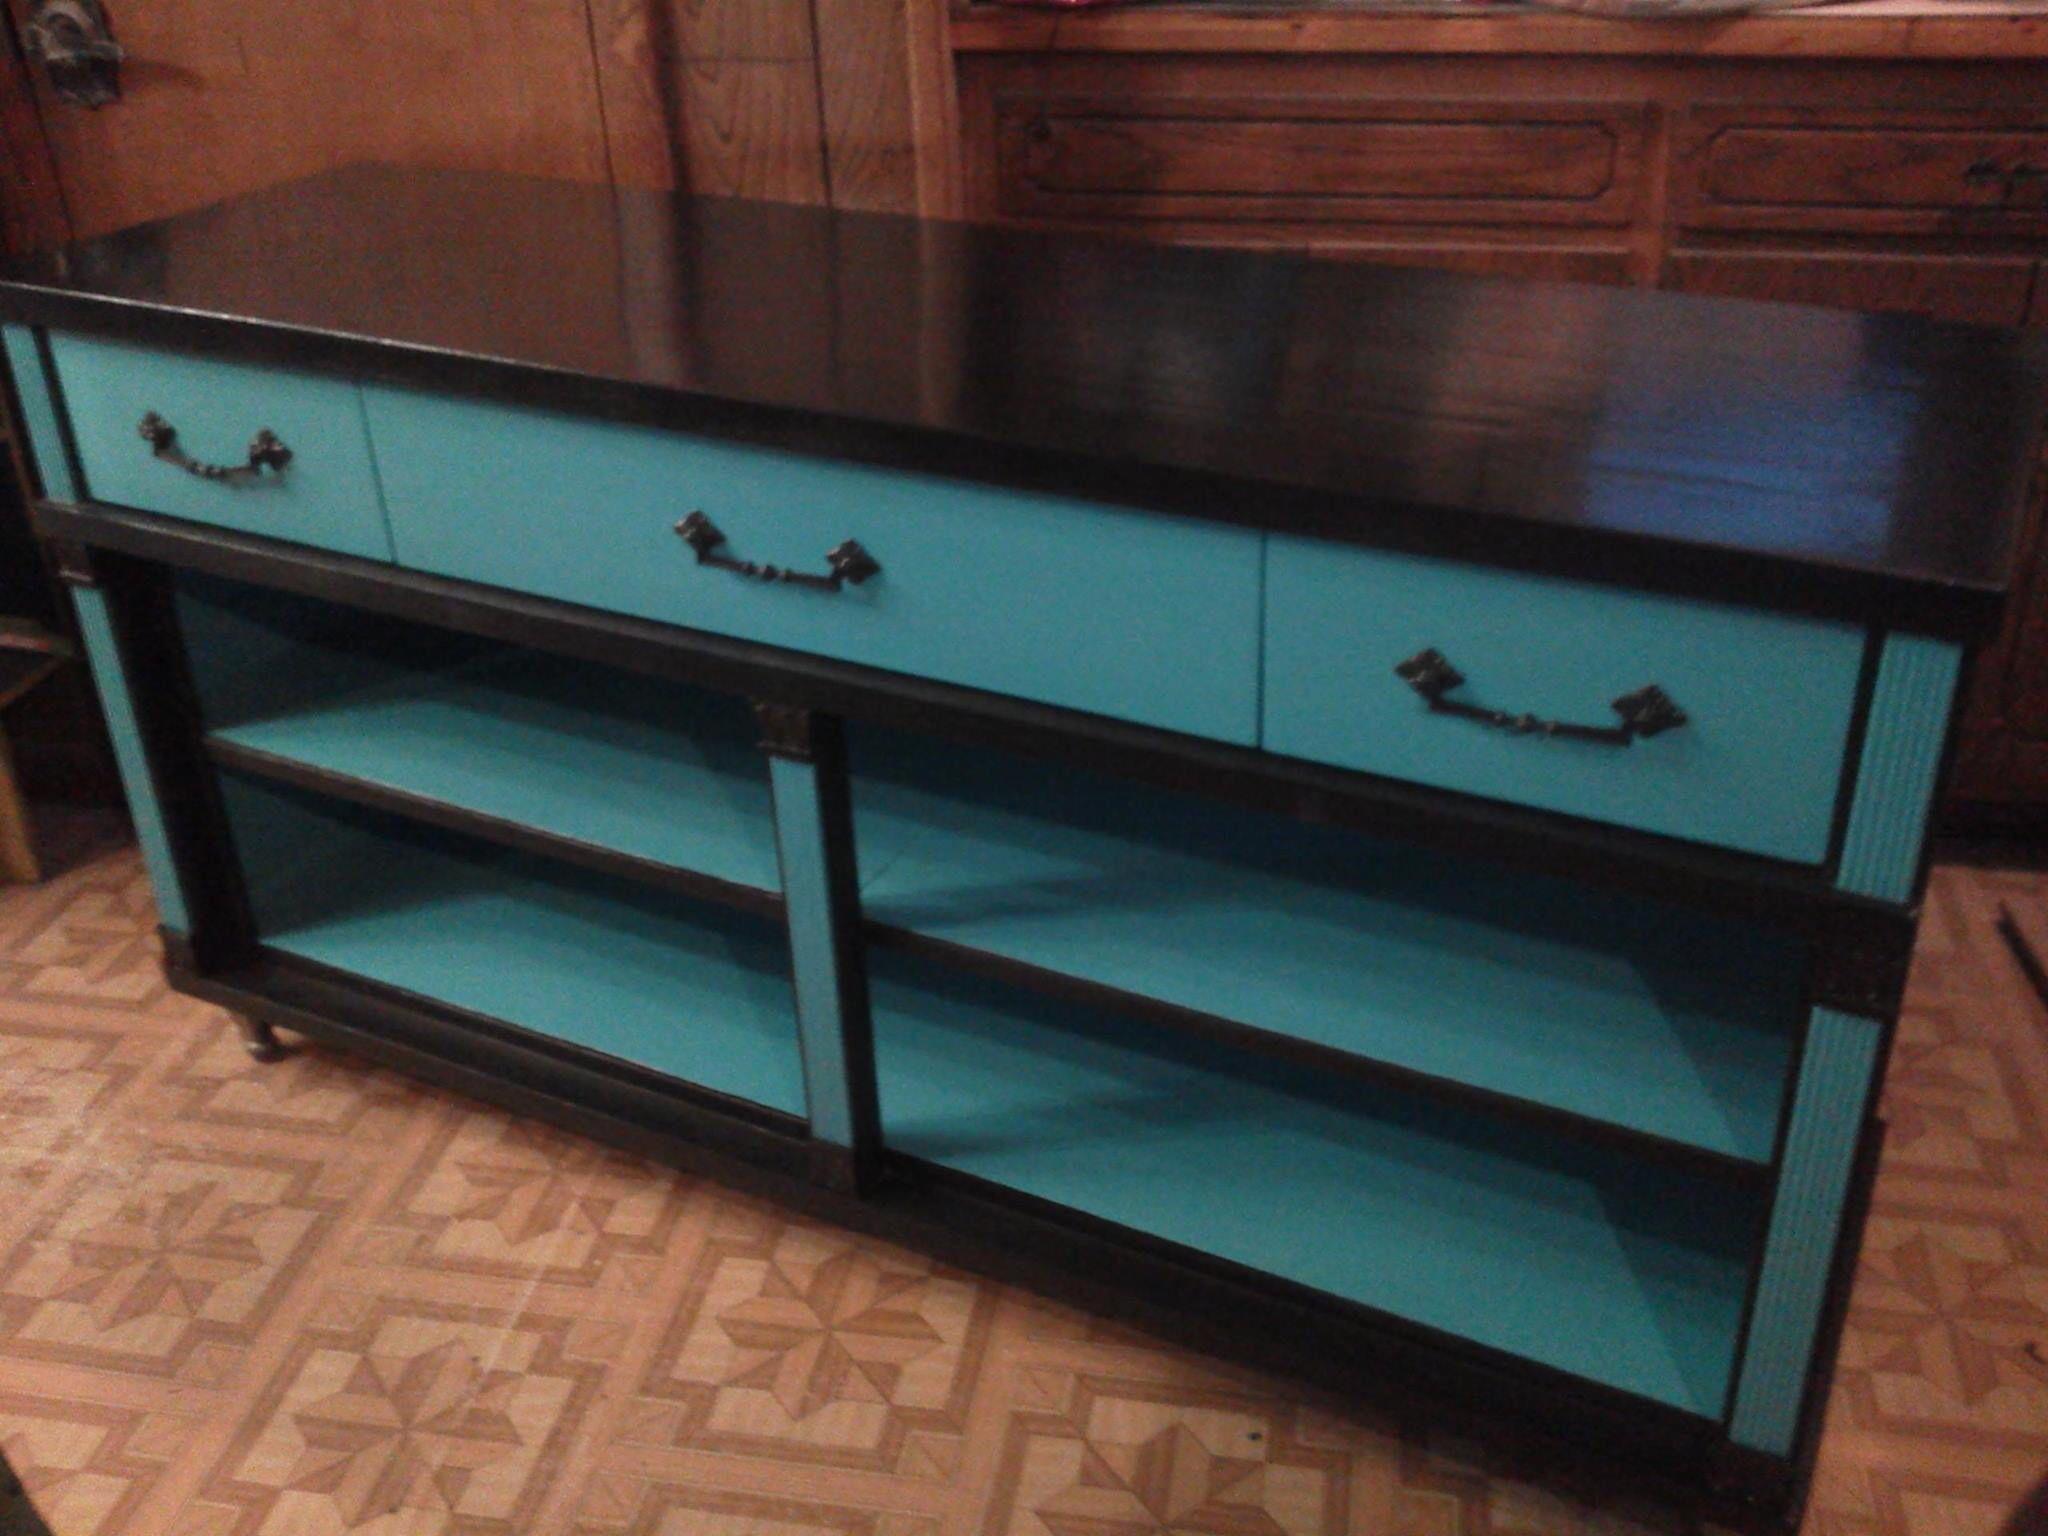 Elegant Teal And Black Dresser Redone | Furniture Inspiration | Pinterest | Black  Dressers And Dresser